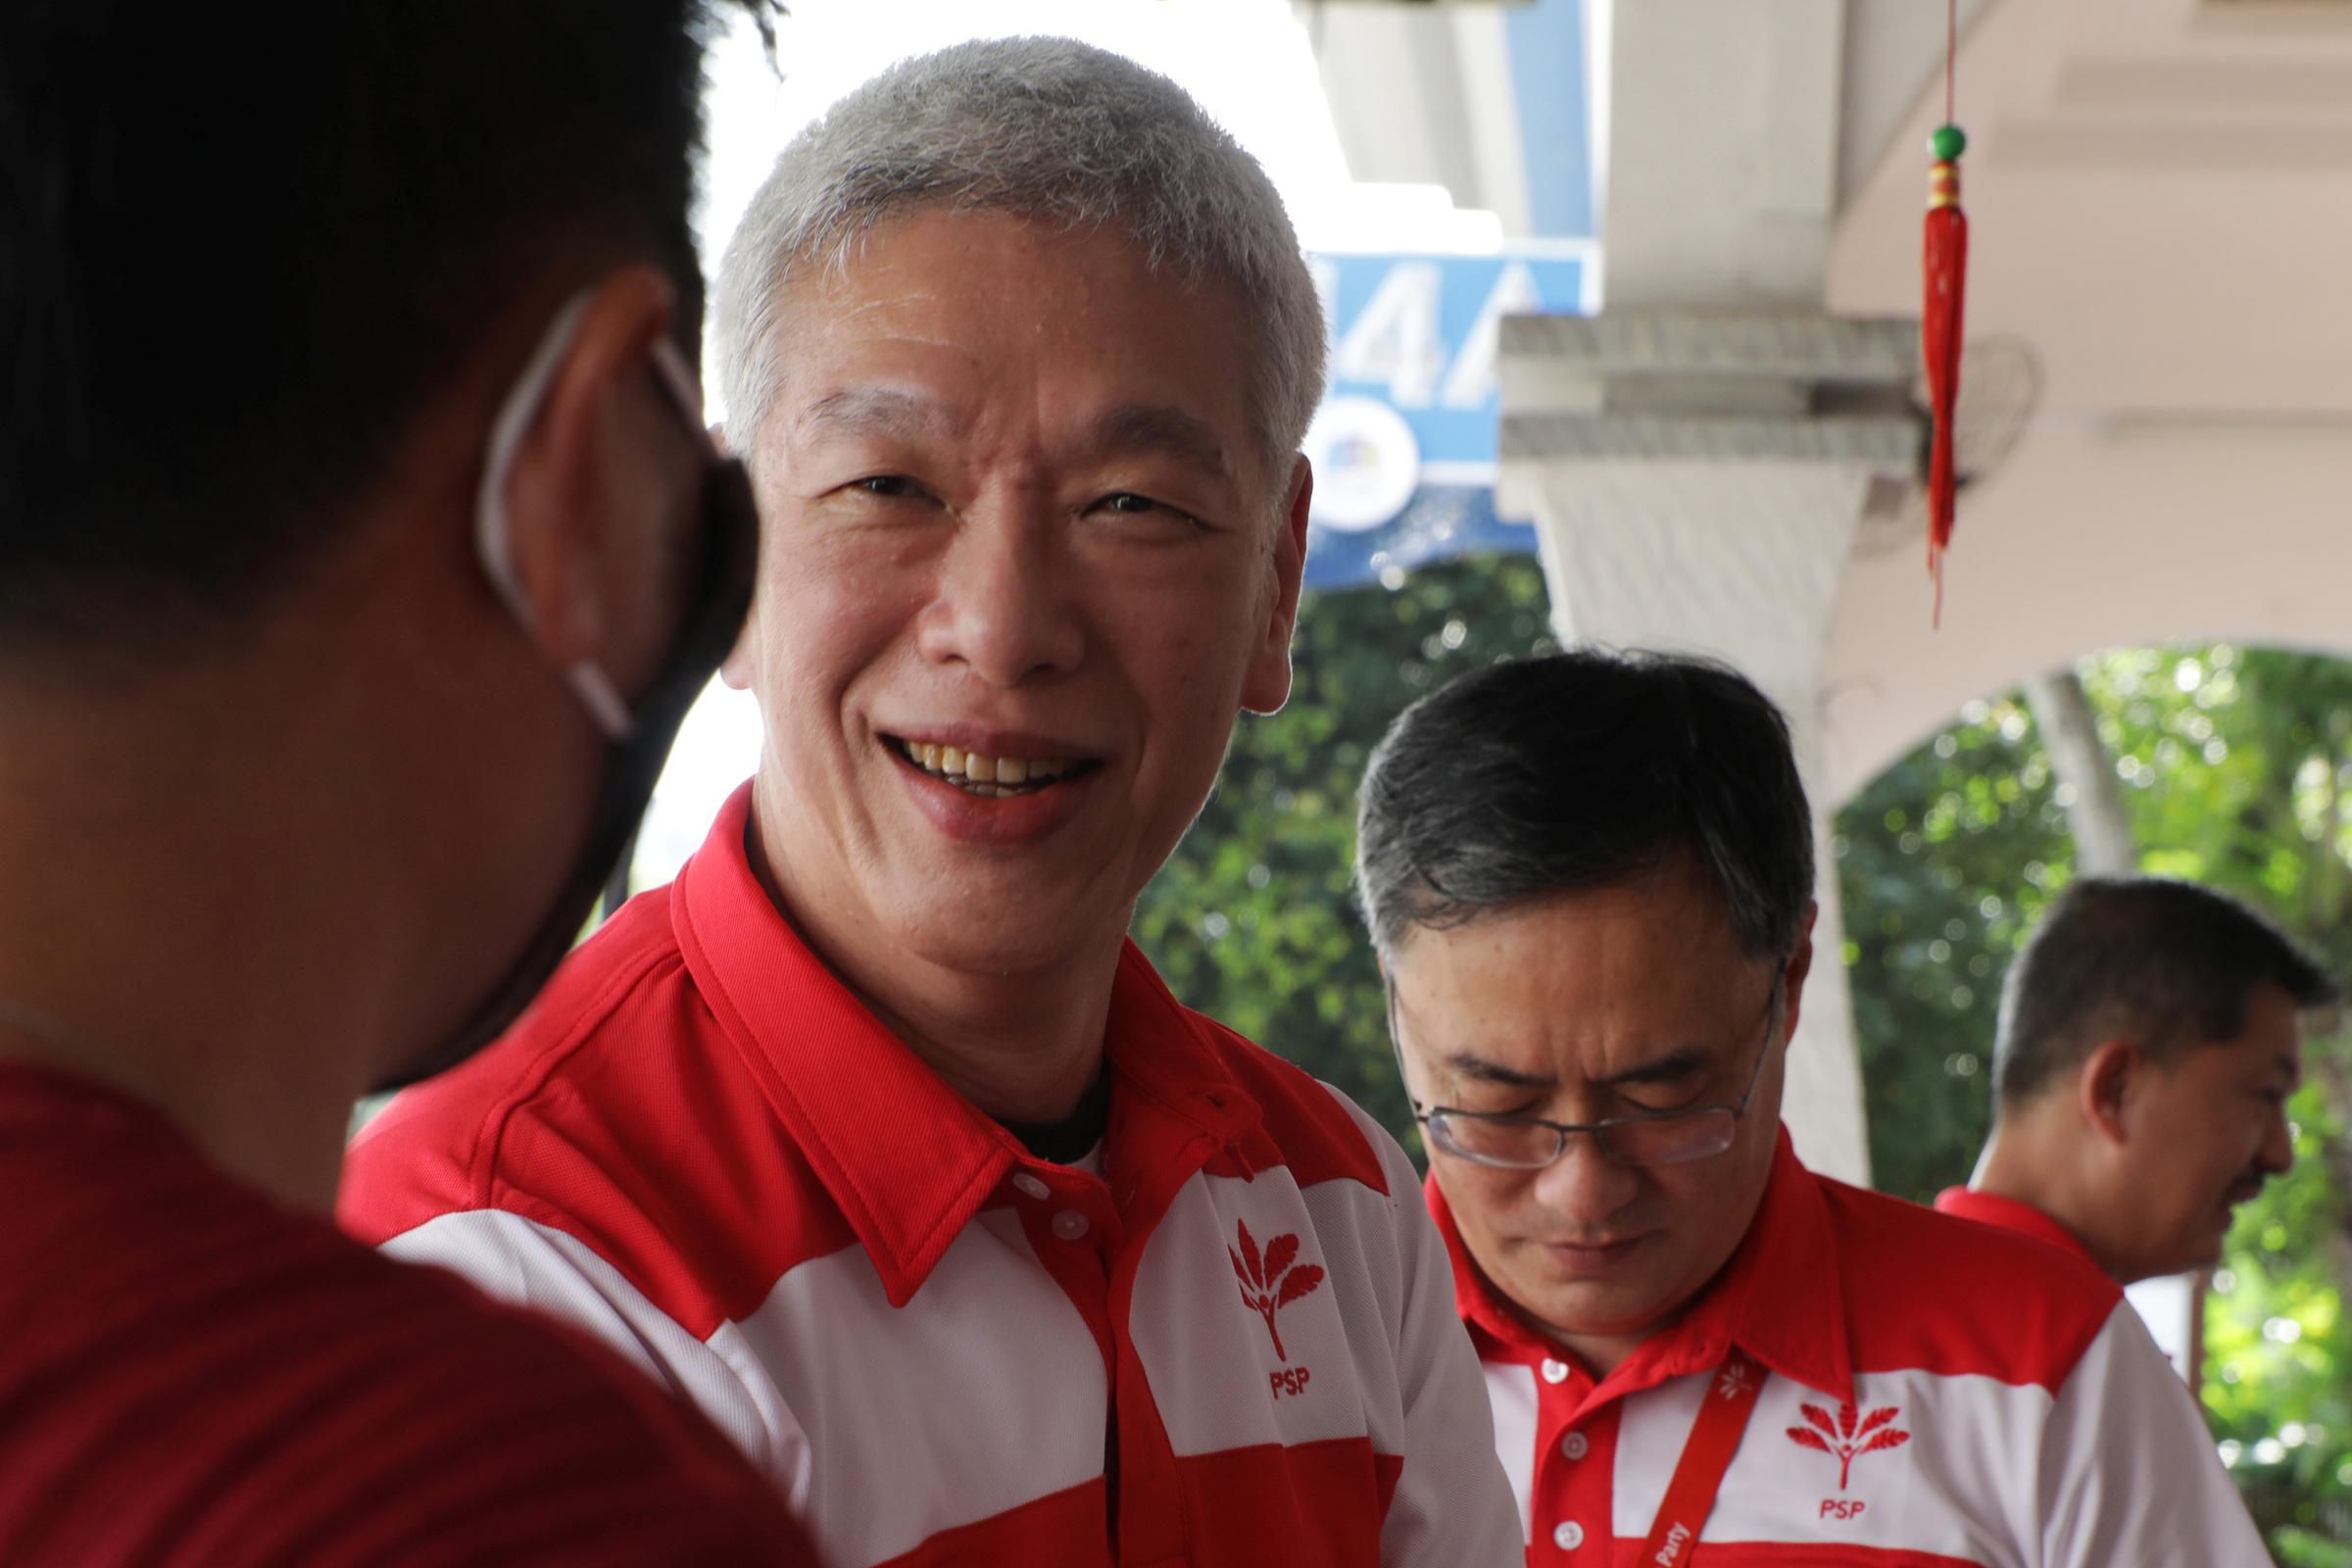 Lý Hiển Dương, em trai Thủ tướng Singapore Lý Hiển Long, gặp người dân trong cuộc vận động tranh cử năm ngoái. Ảnh: Reuters.